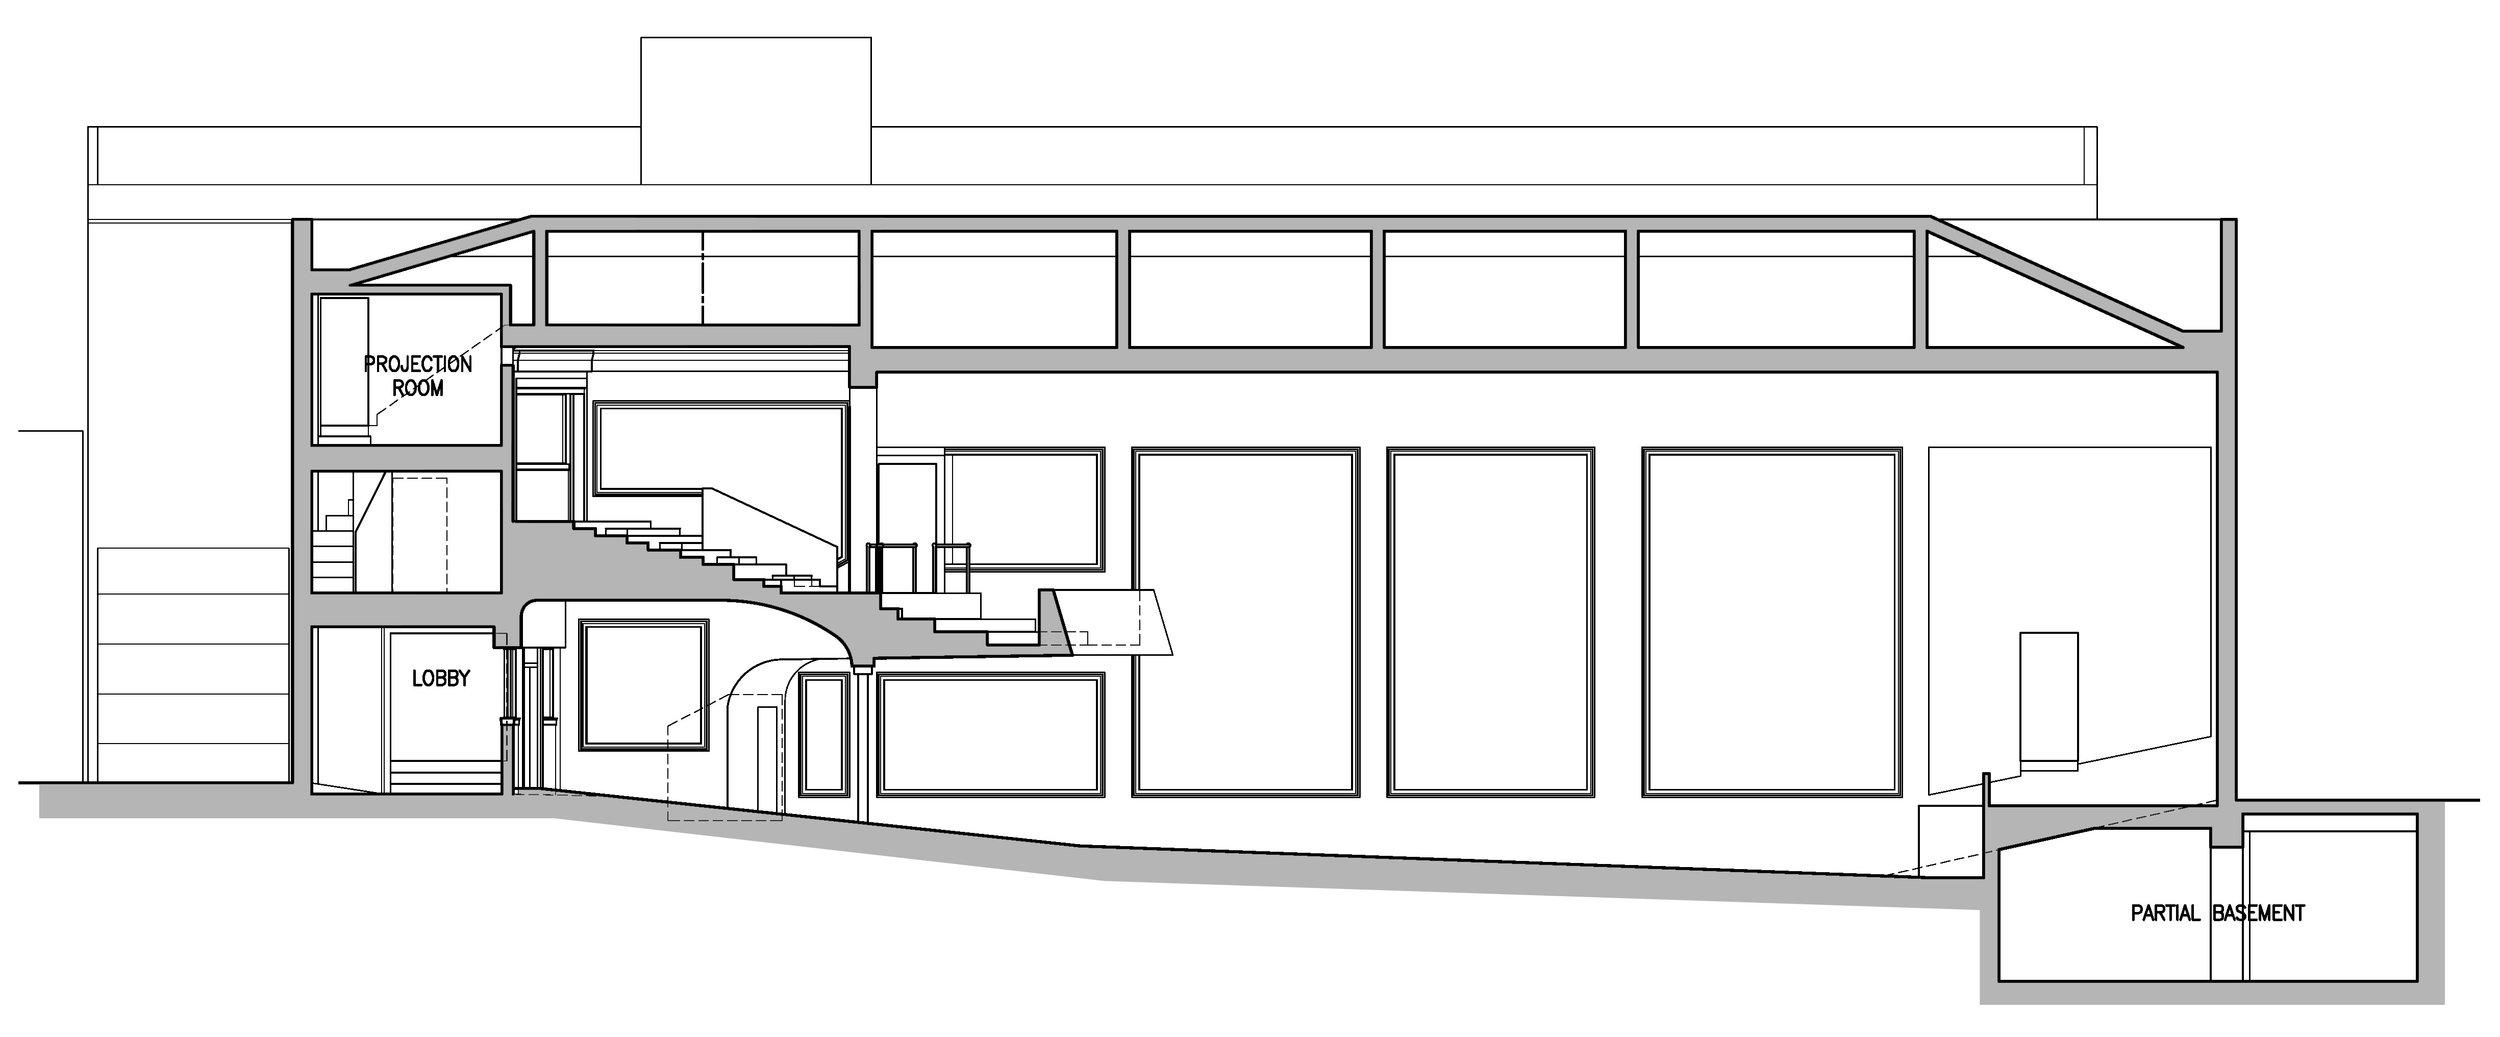 Harka Architecture_Bobwhite Theater (1).jpg